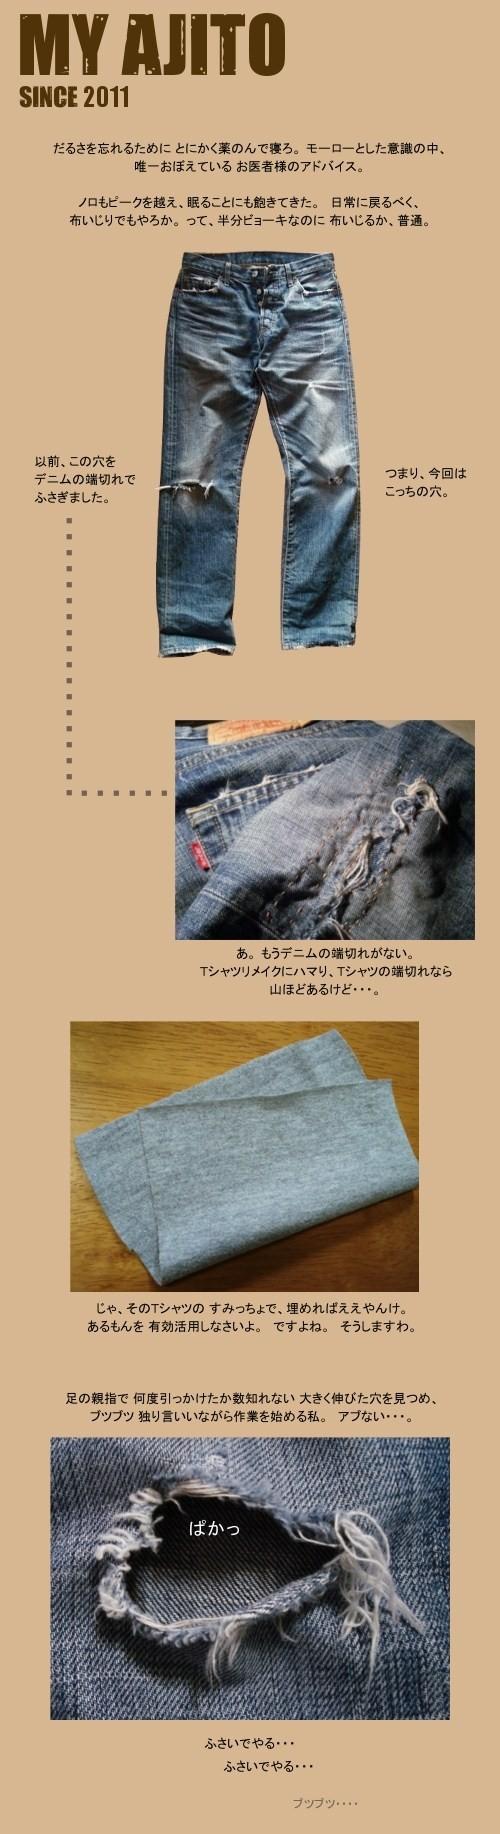 noro_4.jpg